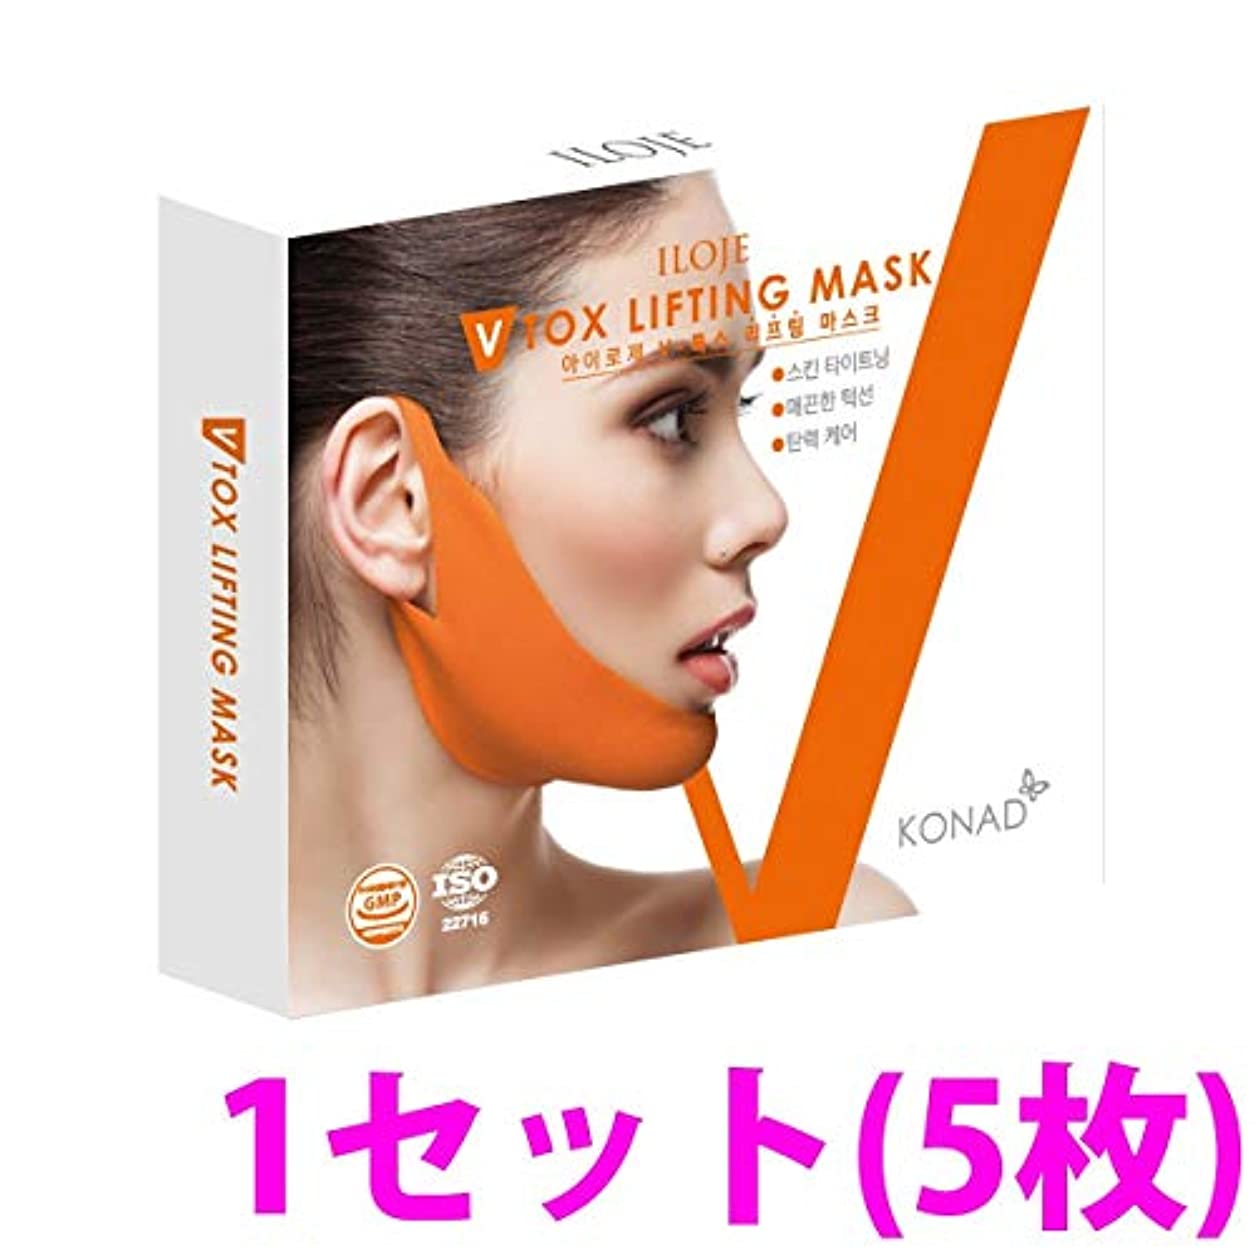 咳探偵ペルソナ女性の年齢は顎の輪郭で決まる!V-TOXリフティングマスクパック 1セット(5枚)